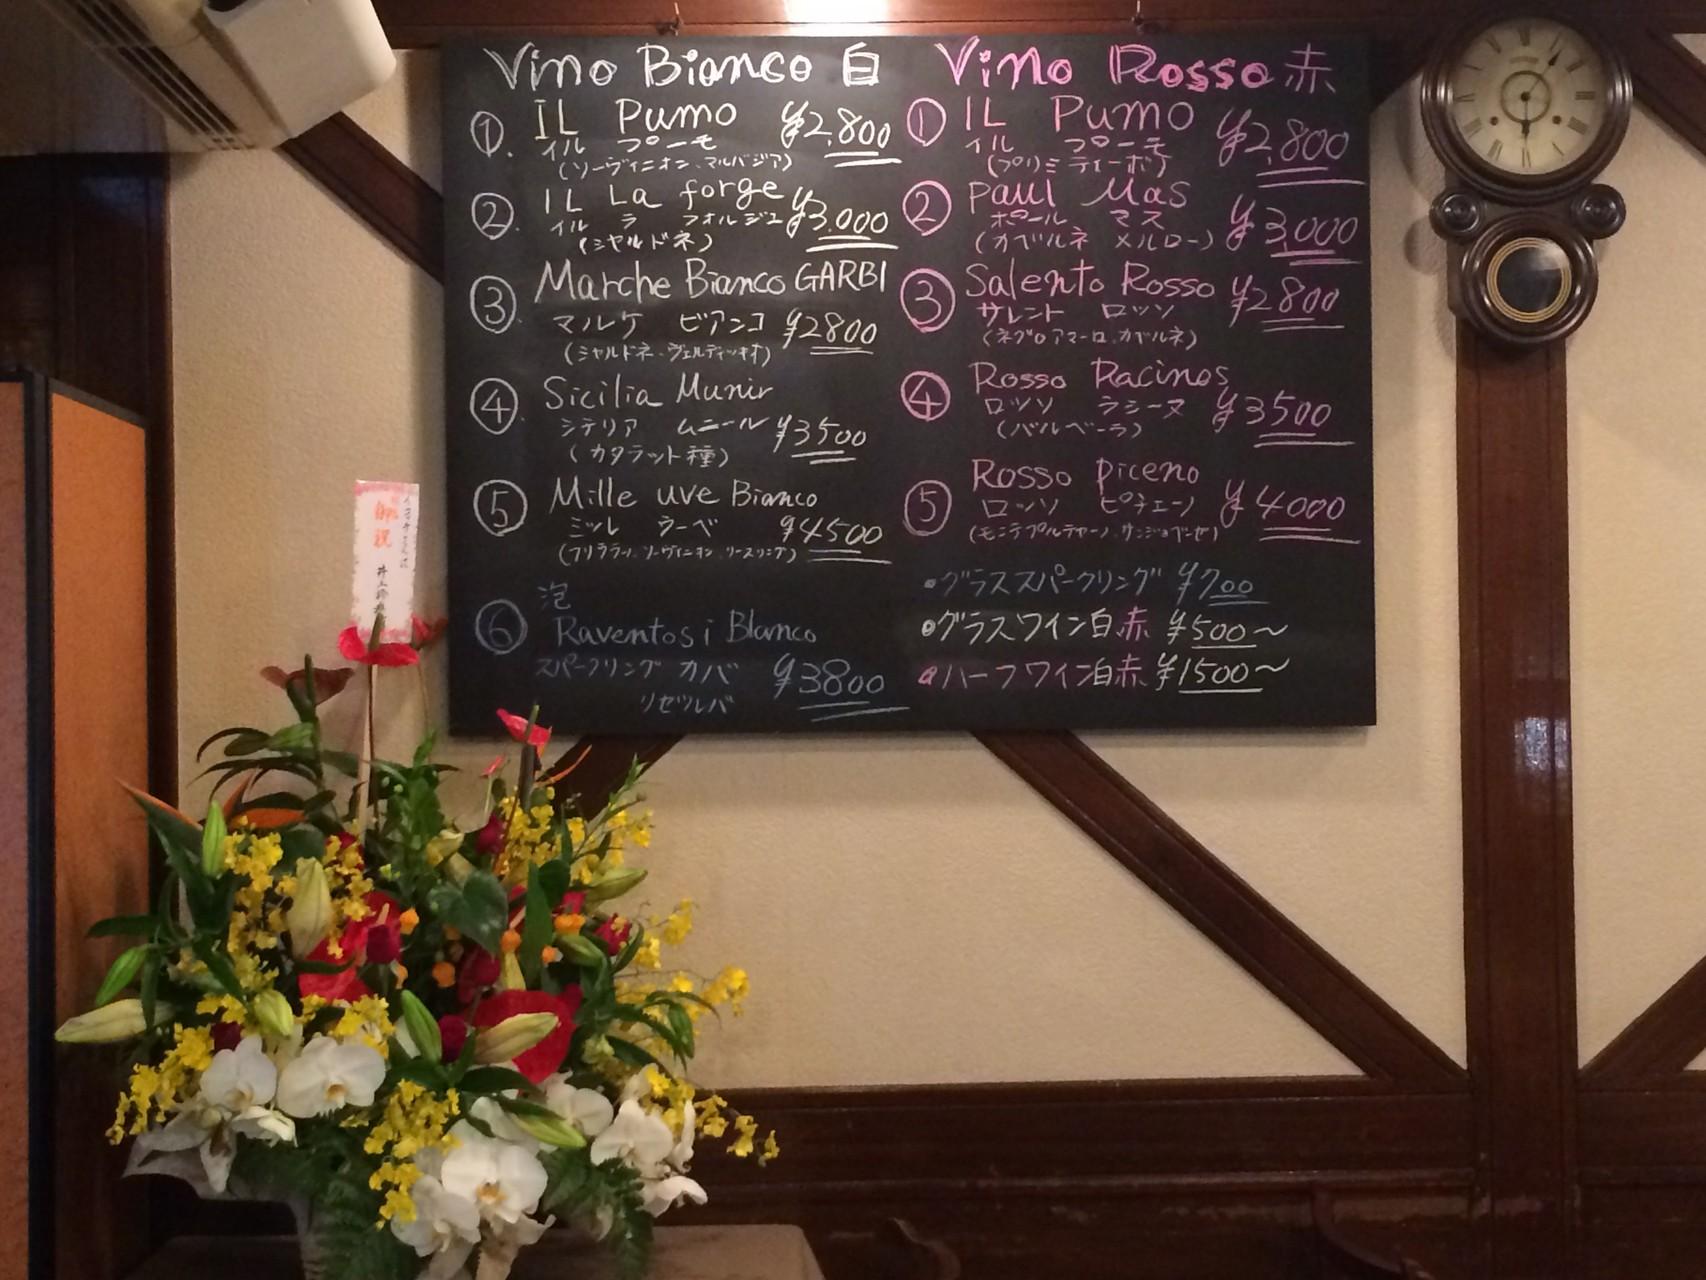 旬なワインリストは黒板に(wine lists)